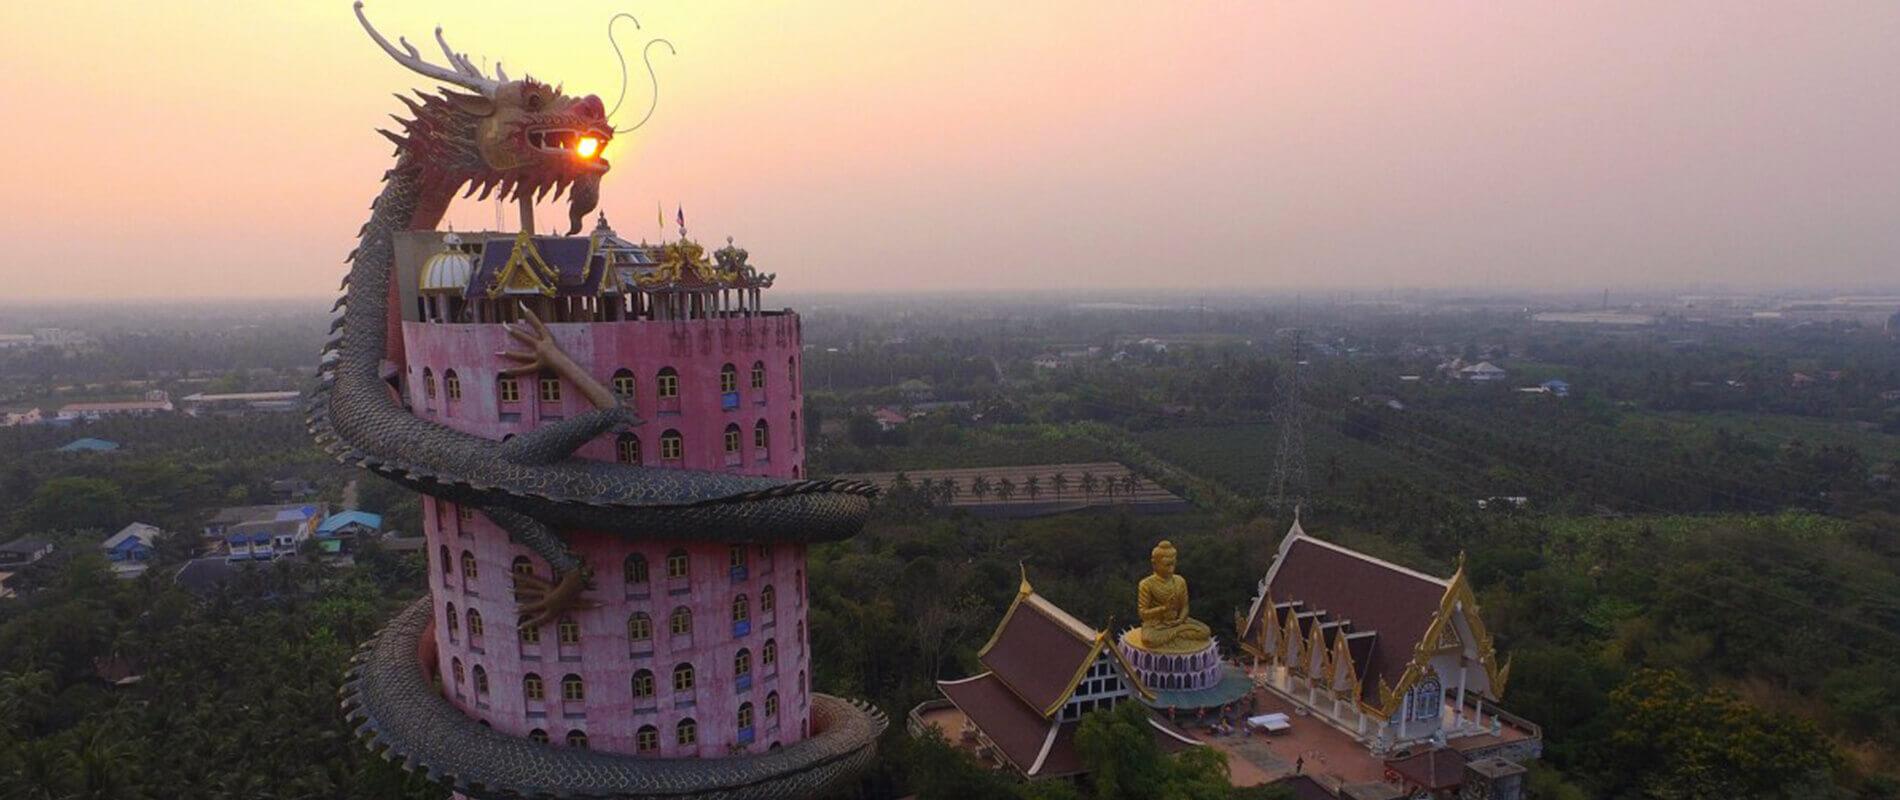 Il Tempio di Wat Samphran, la torre avvolta nelle spire di un drago